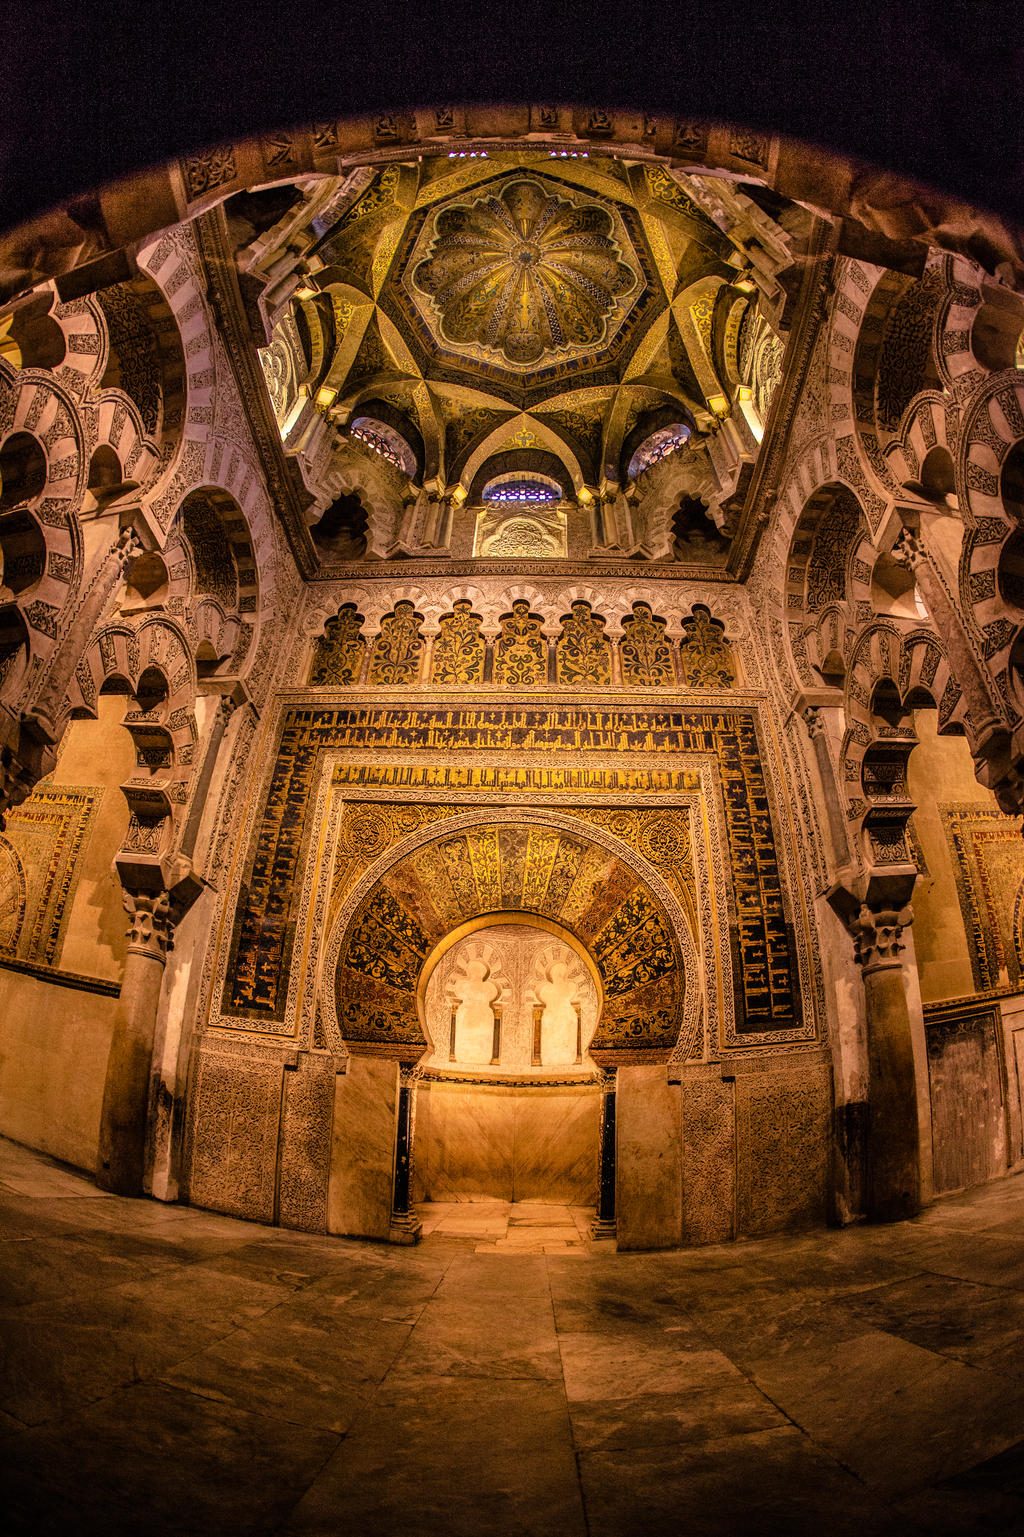 La mezquita de Cordoba by MissPoc